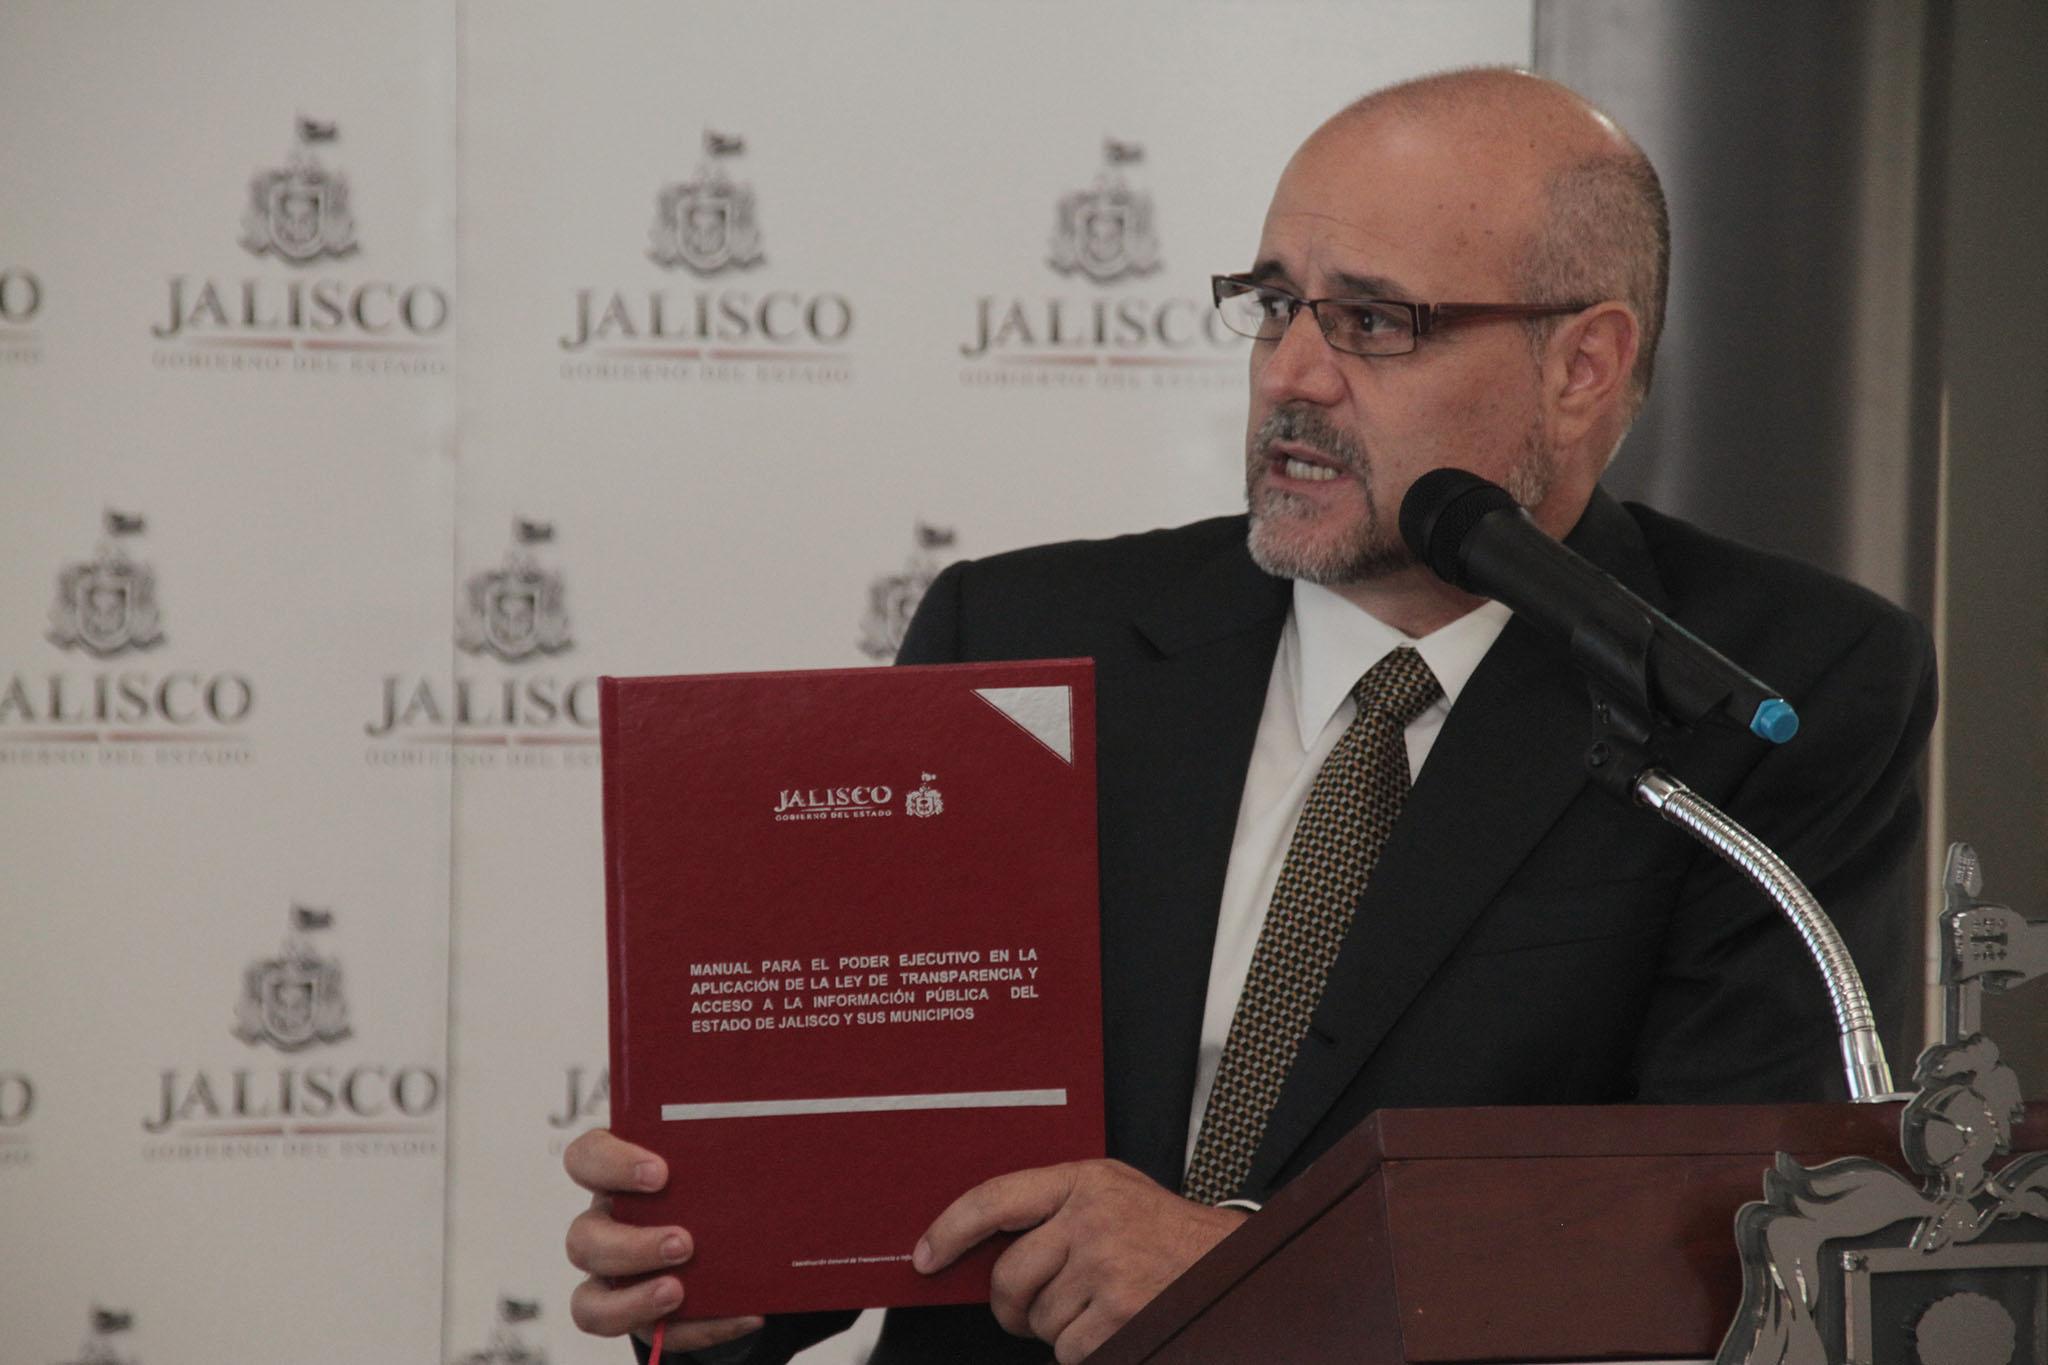 Presenta Ejecutivo Estatal manual para la aplicación de nueva Ley de Transparencia